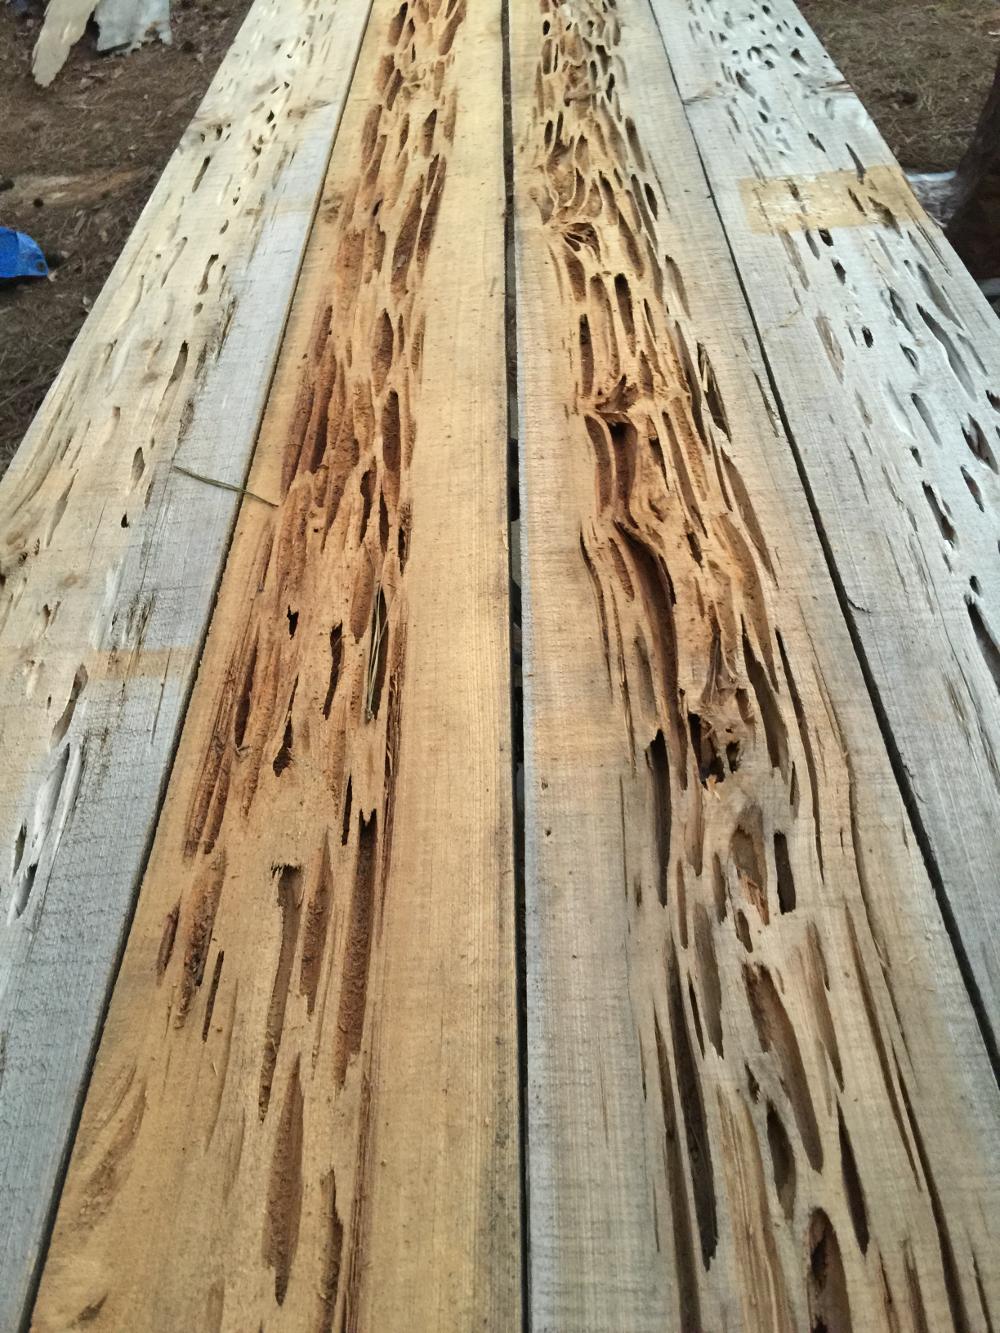 Pecky Cypress Table Board Kit